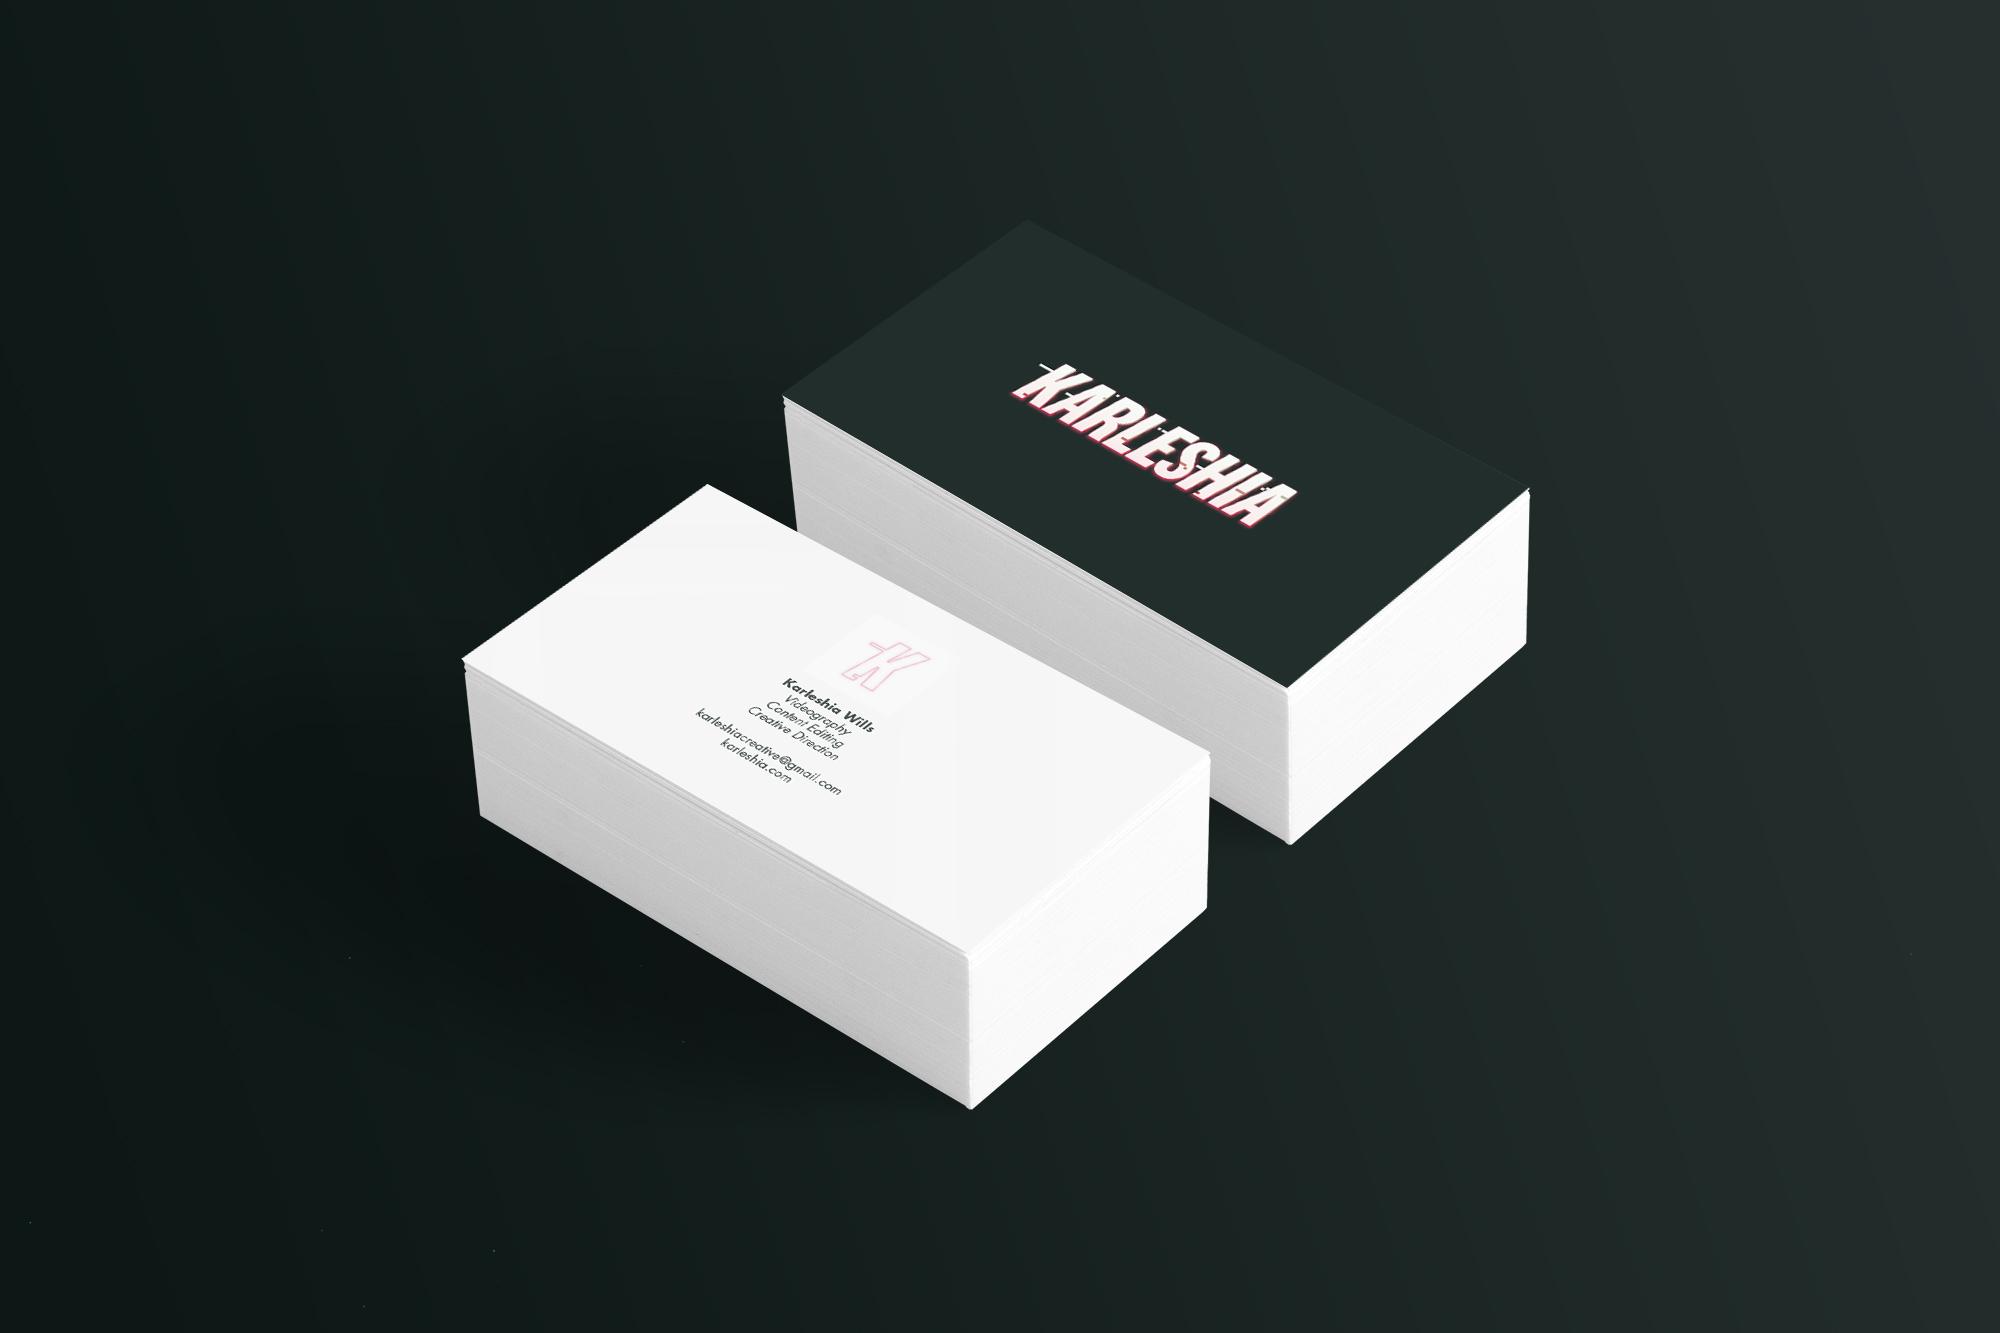 KARLESHIA-businesscard.jpg